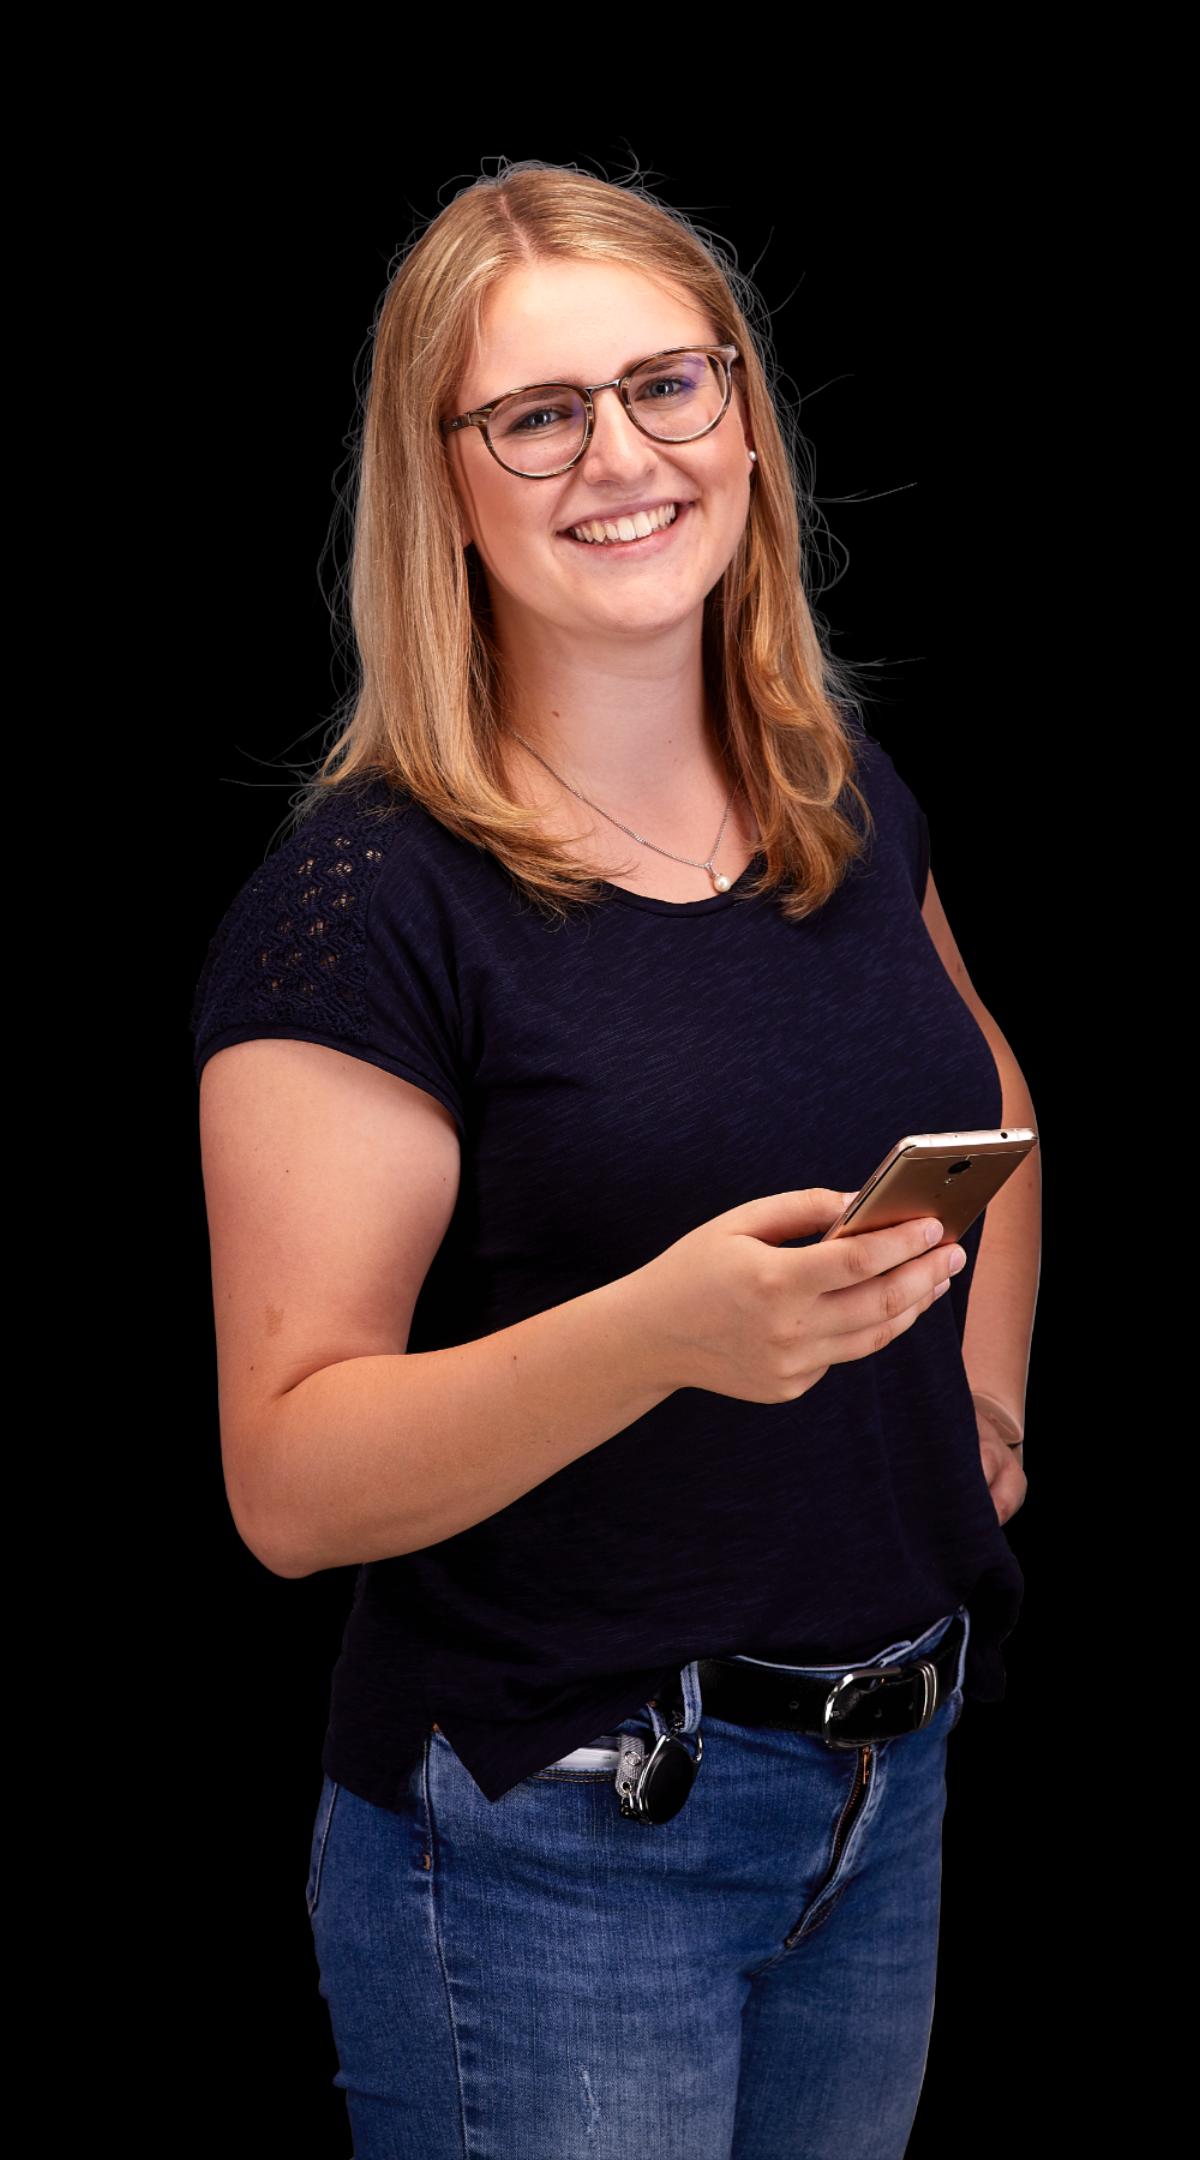 Portrait einer lächelnden jungen Frau, die ein Handy in der Hand hält.